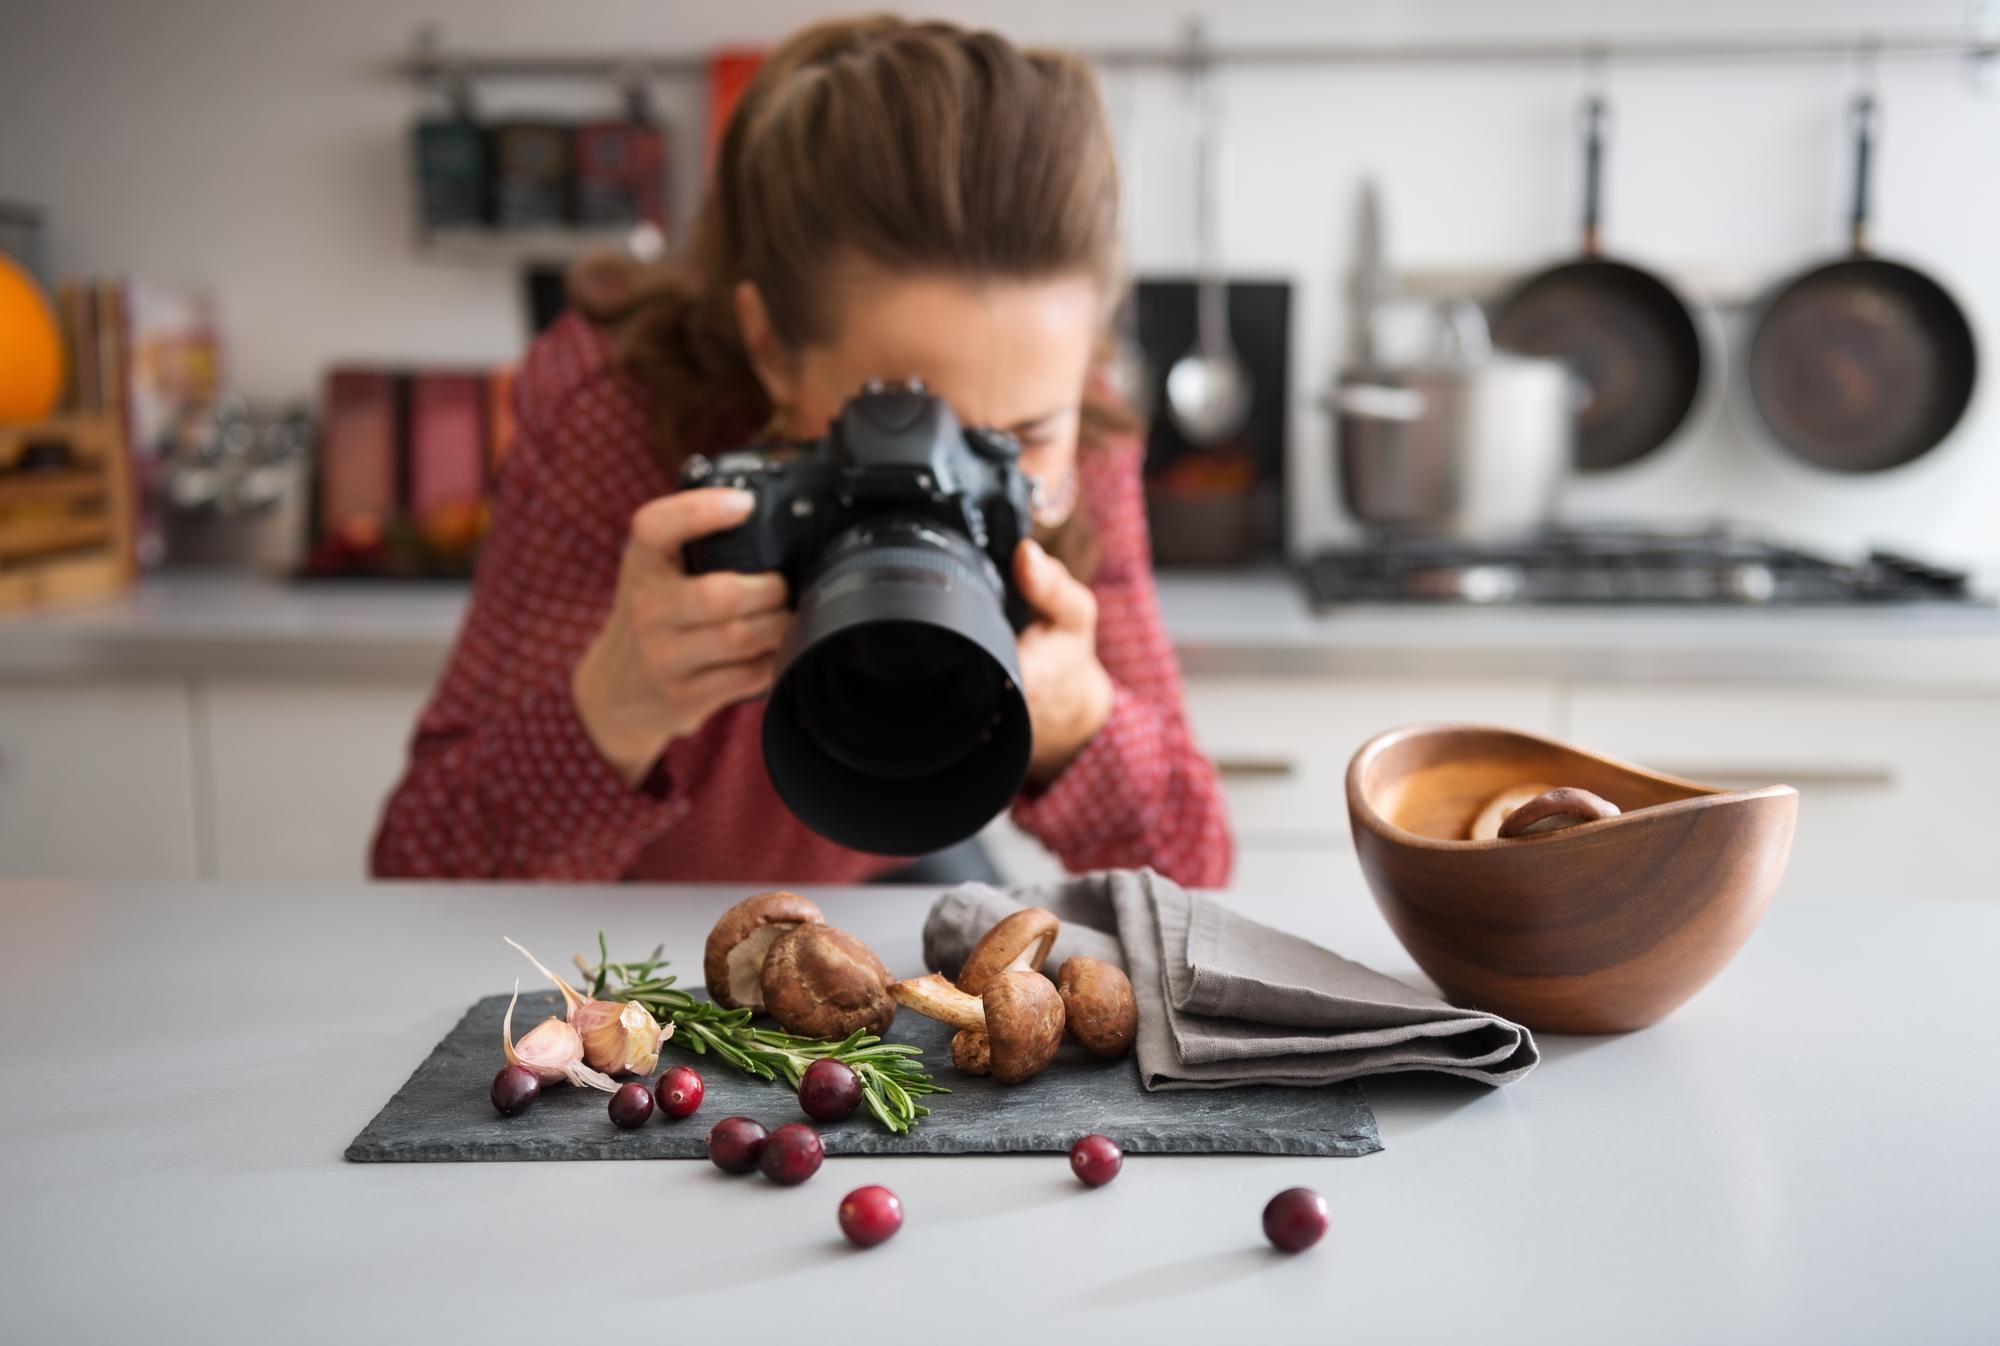 итоге как правильно фотографировать стол с едой люди собираются